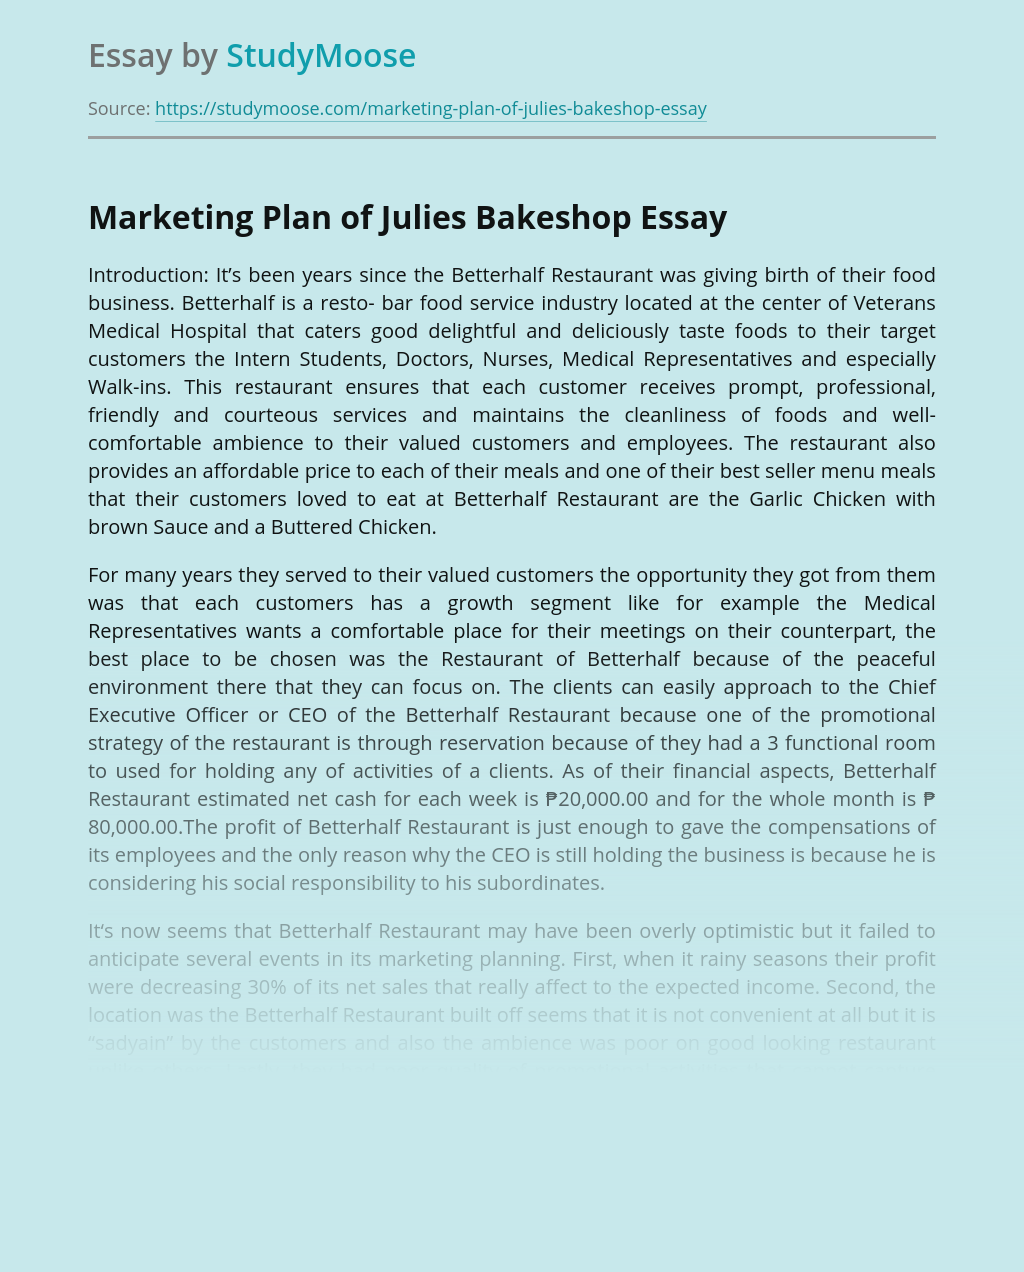 Marketing Plan of Julies Bakeshop